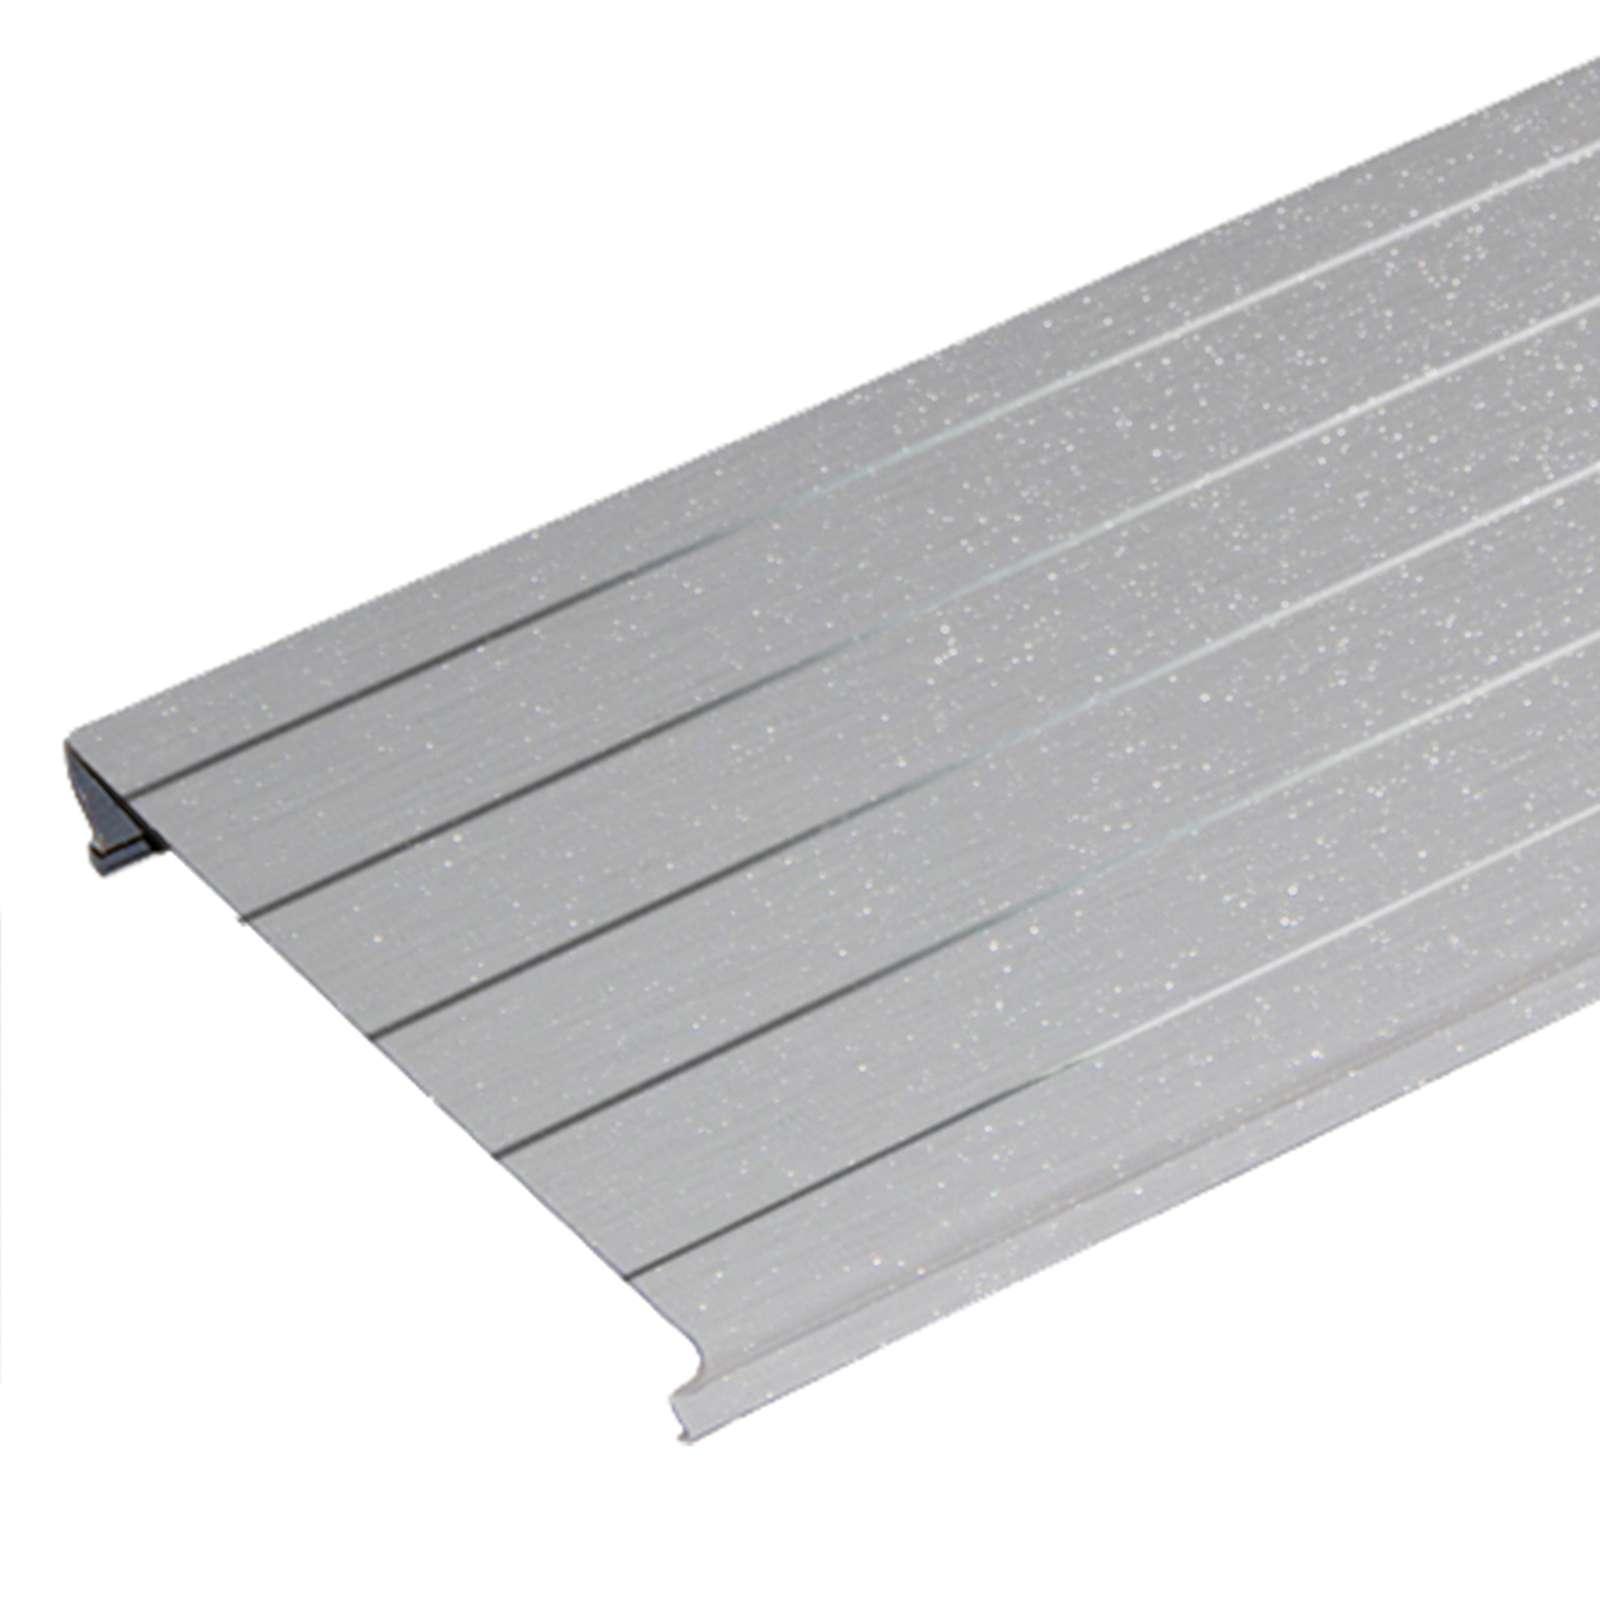 Комлект потолочный 1,7х1,7м A150AS серебристый металлик с мет. полосой HL0206